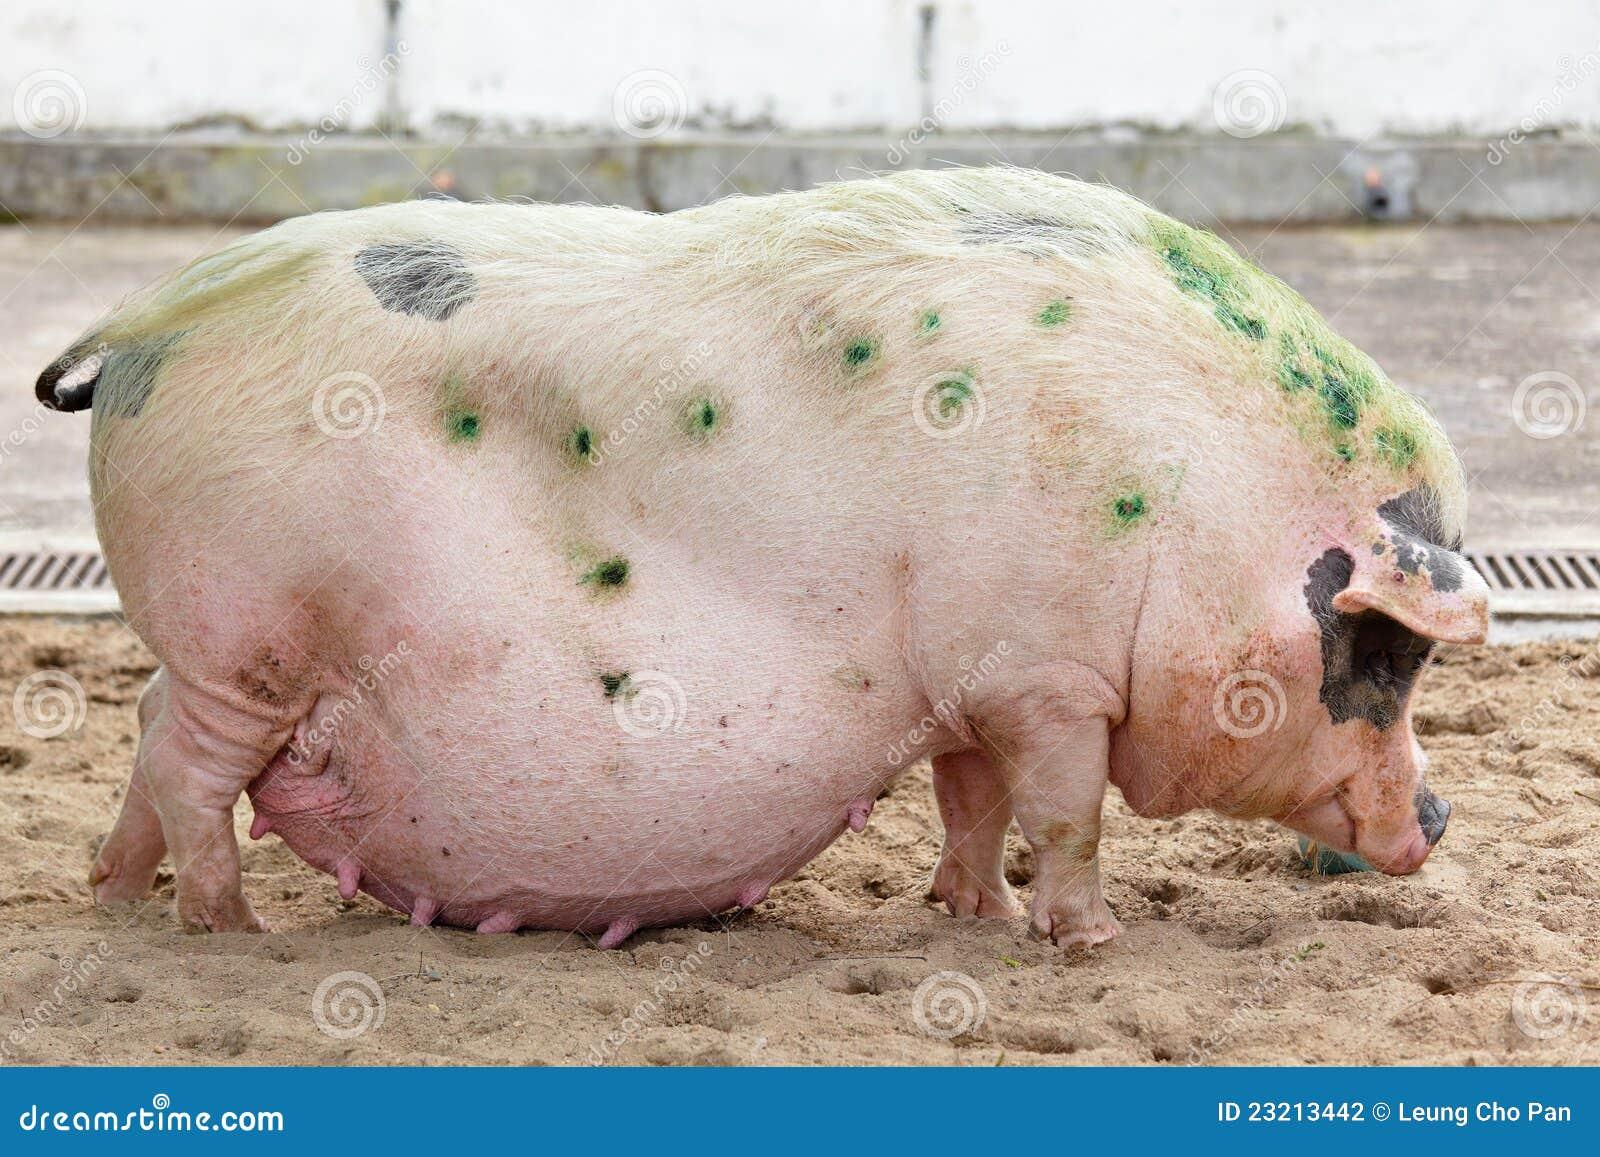 Толстый хряк и девушка 20 фотография